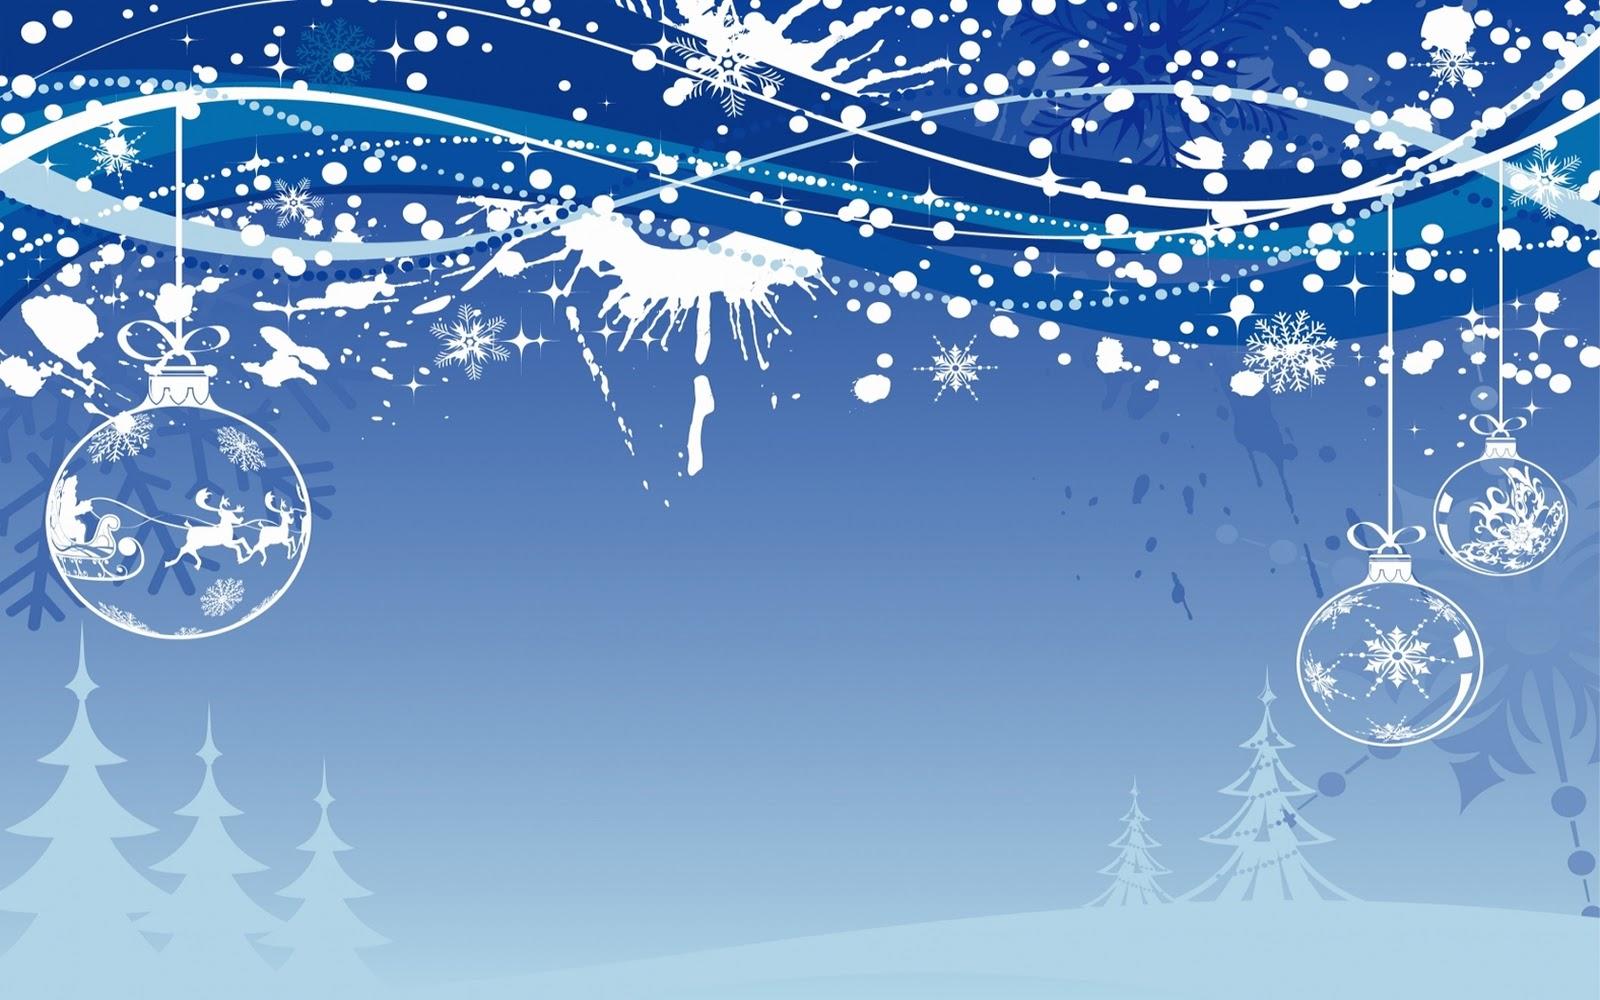 http://4.bp.blogspot.com/-2ZReydH_hII/TsJ8iJsfj8I/AAAAAAAABM0/n8Ke9pYolsQ/s1600/wallpaper-winter-wonderland-1680x1050.jpg